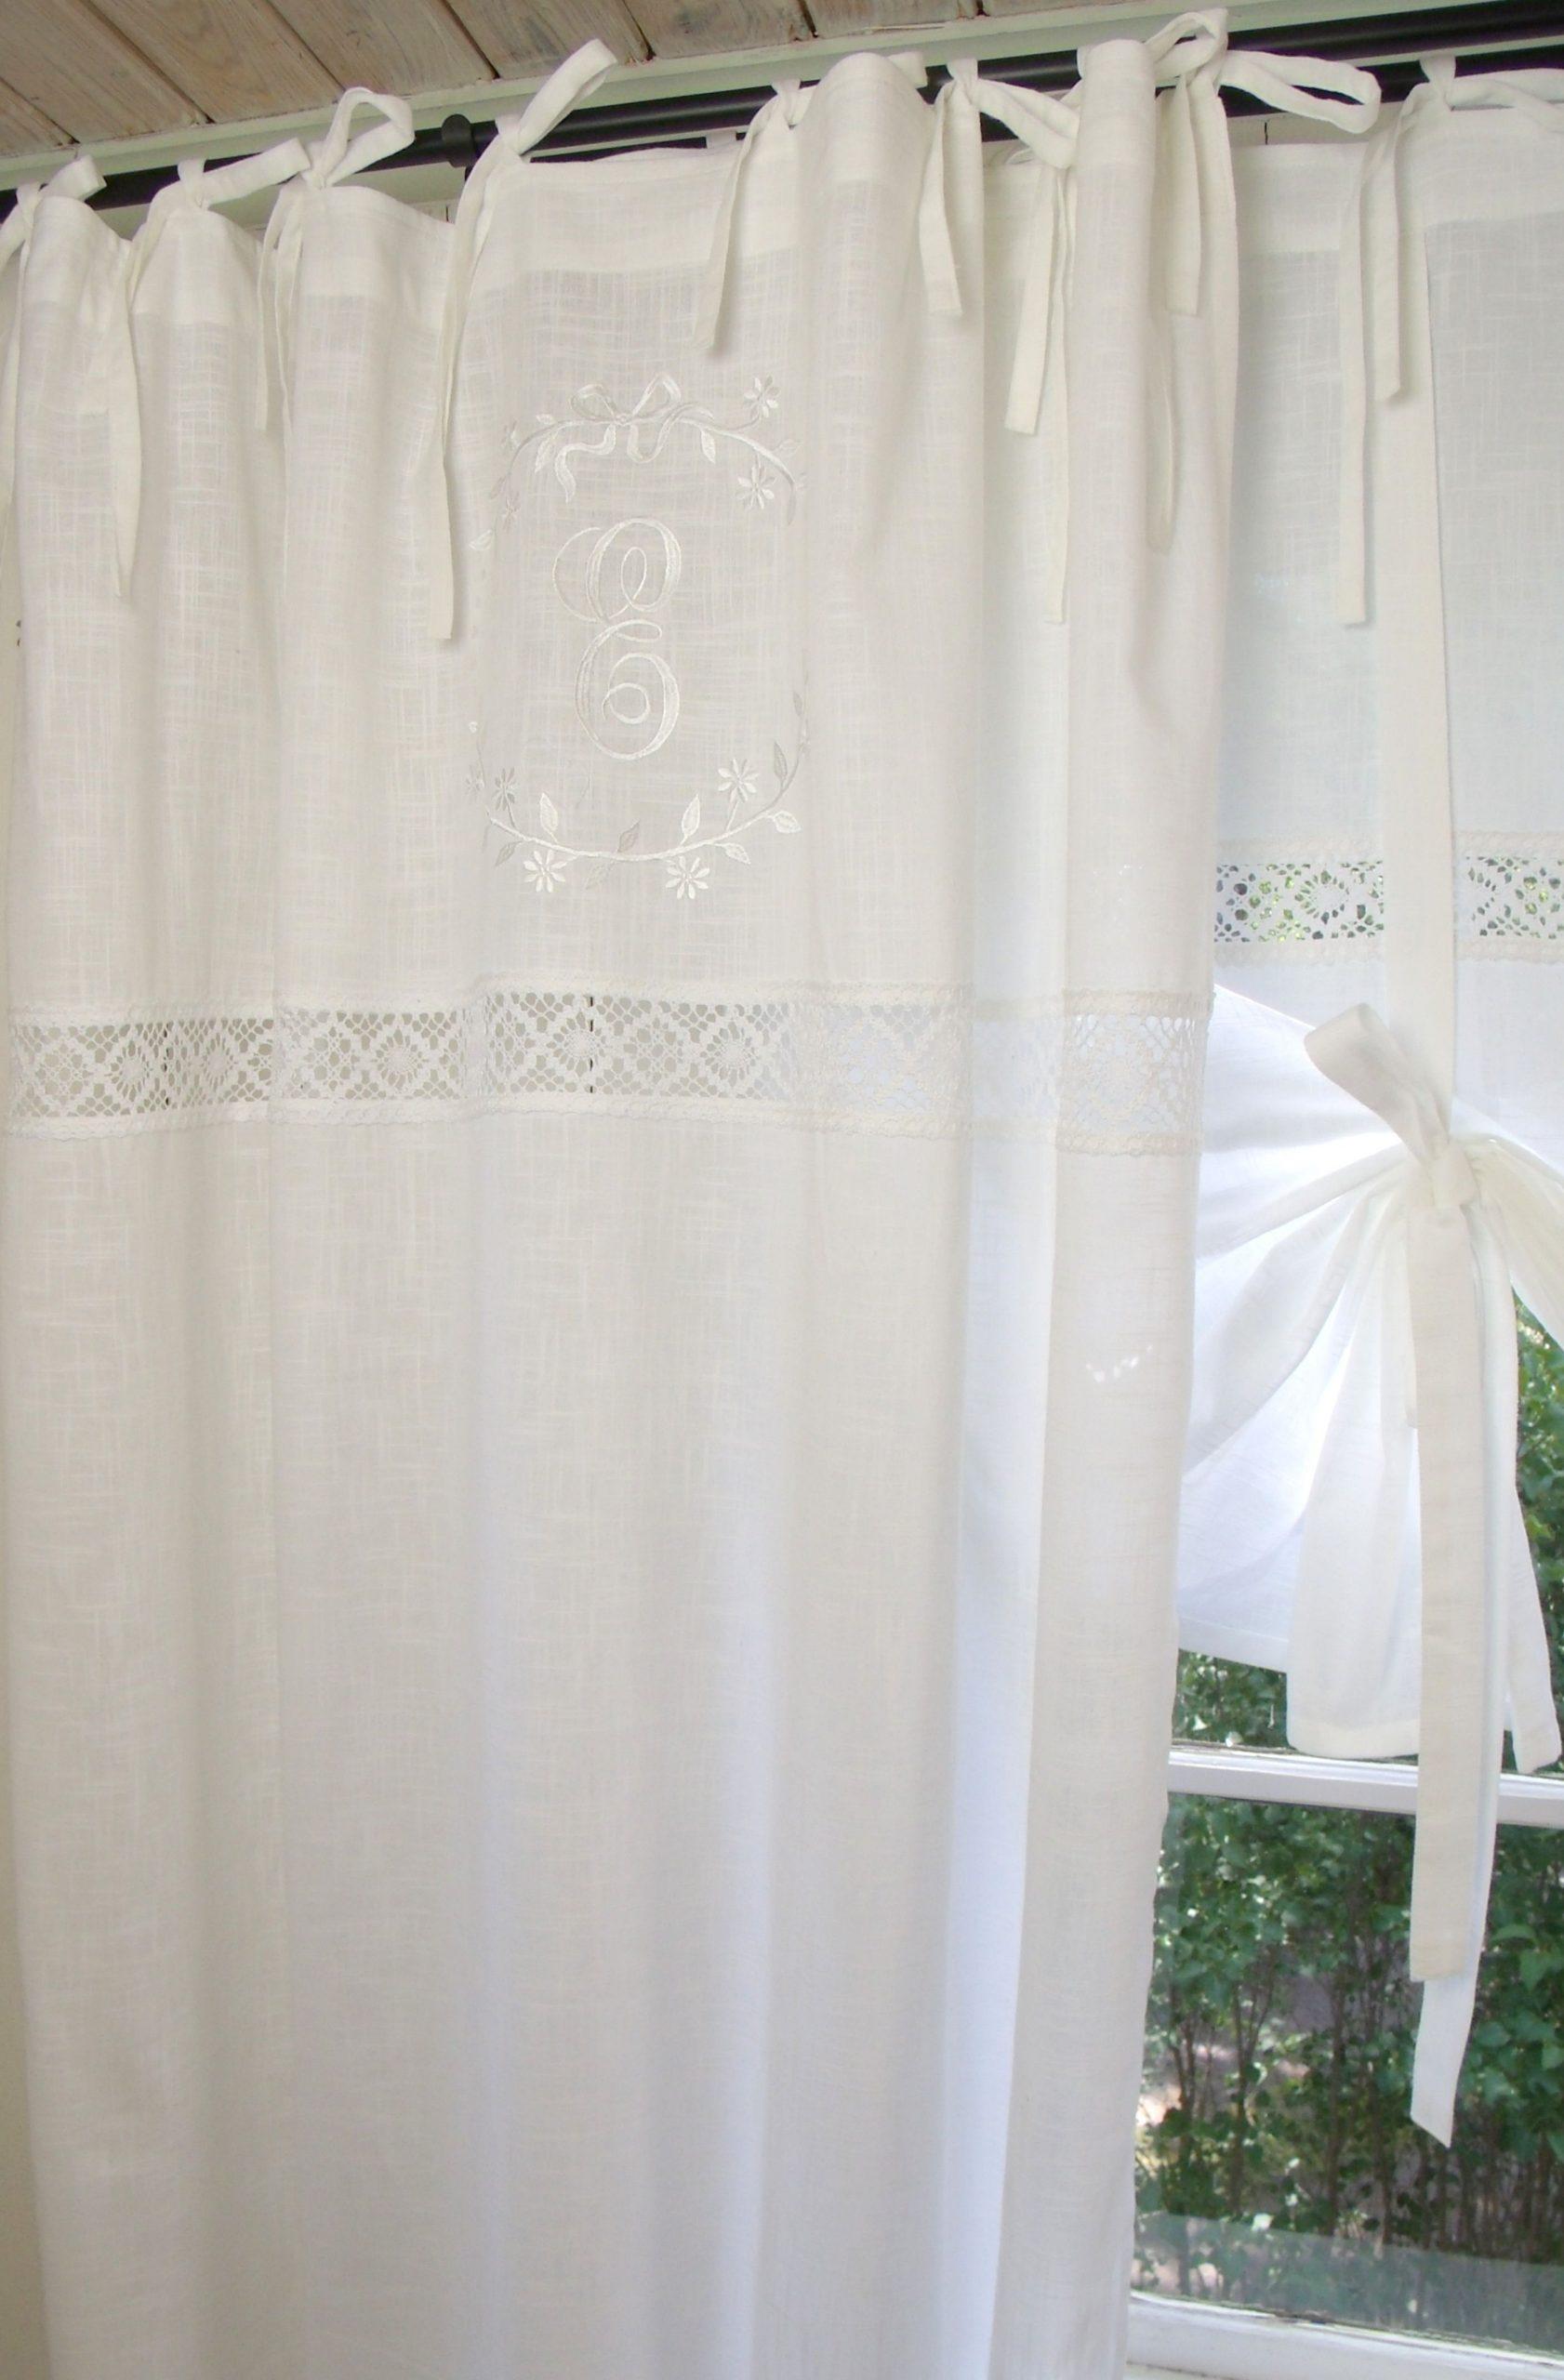 Full Size of Vorhang Emilia Wei Gardine 140x300 Cm 2 Stck Vorhnge Landhausstil Sofa Gardinen Für Küche Schlafzimmer Fenster Wohnzimmer Bad Scheibengardinen Die Esstisch Wohnzimmer Gardinen Landhausstil